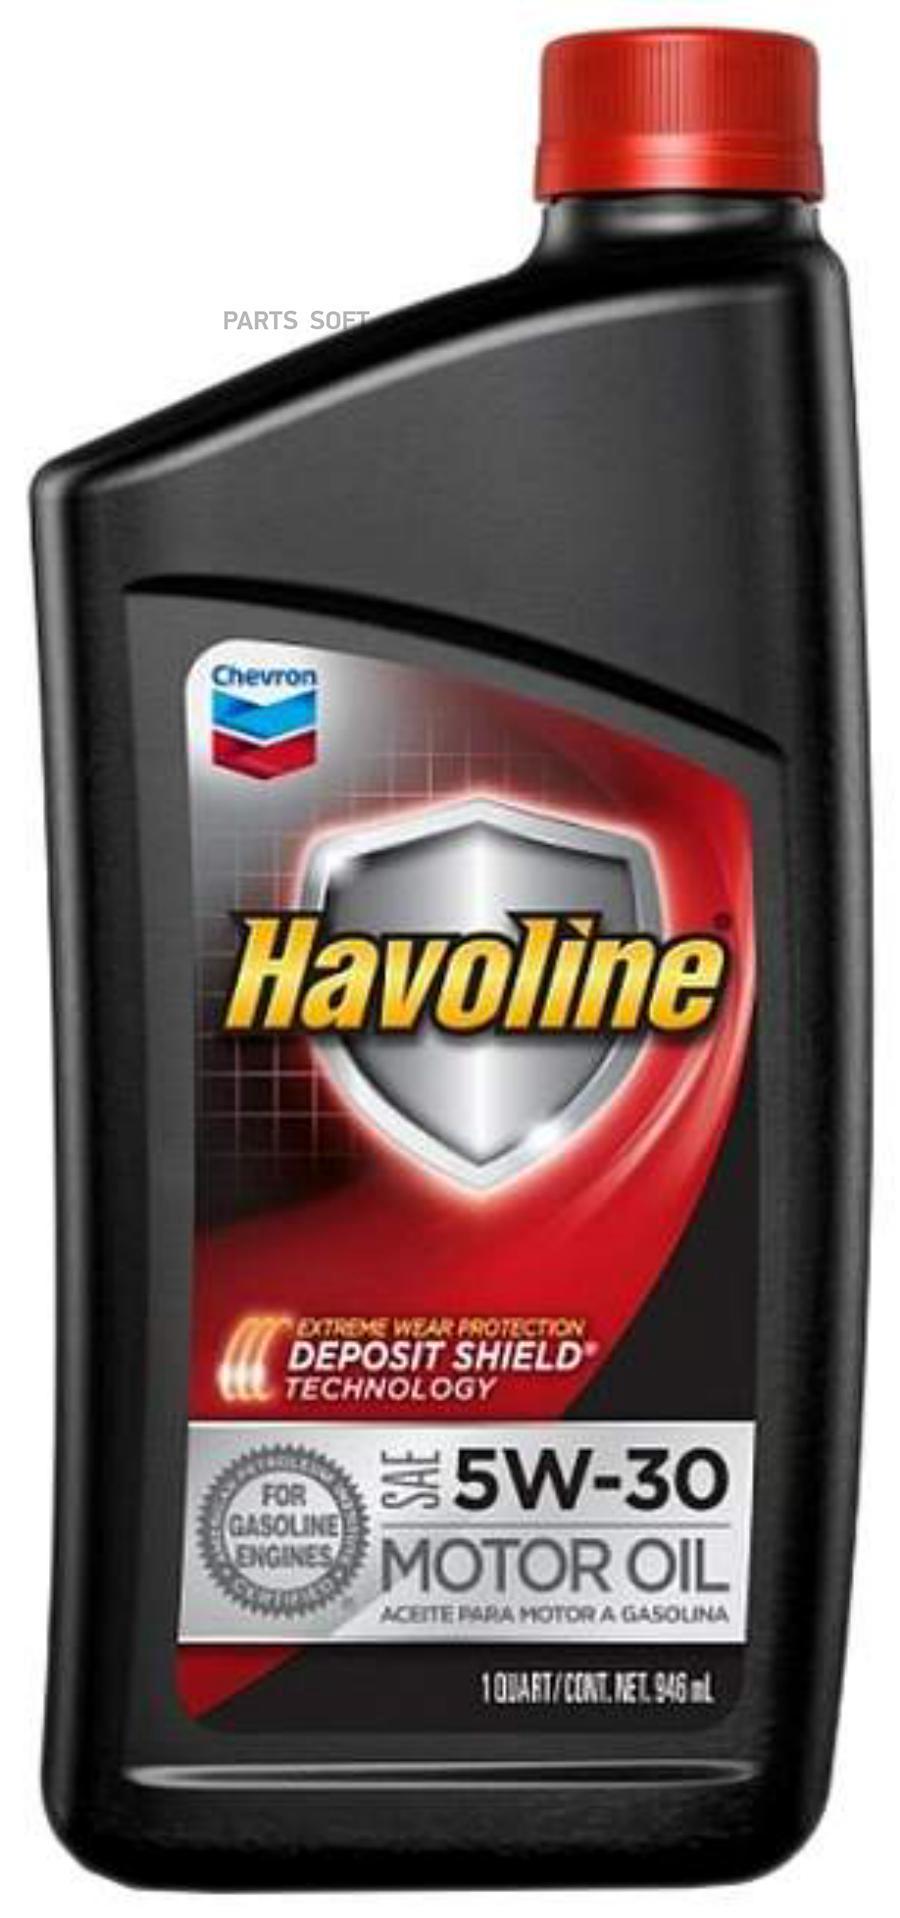 CHEVRON Havoline 5W-30